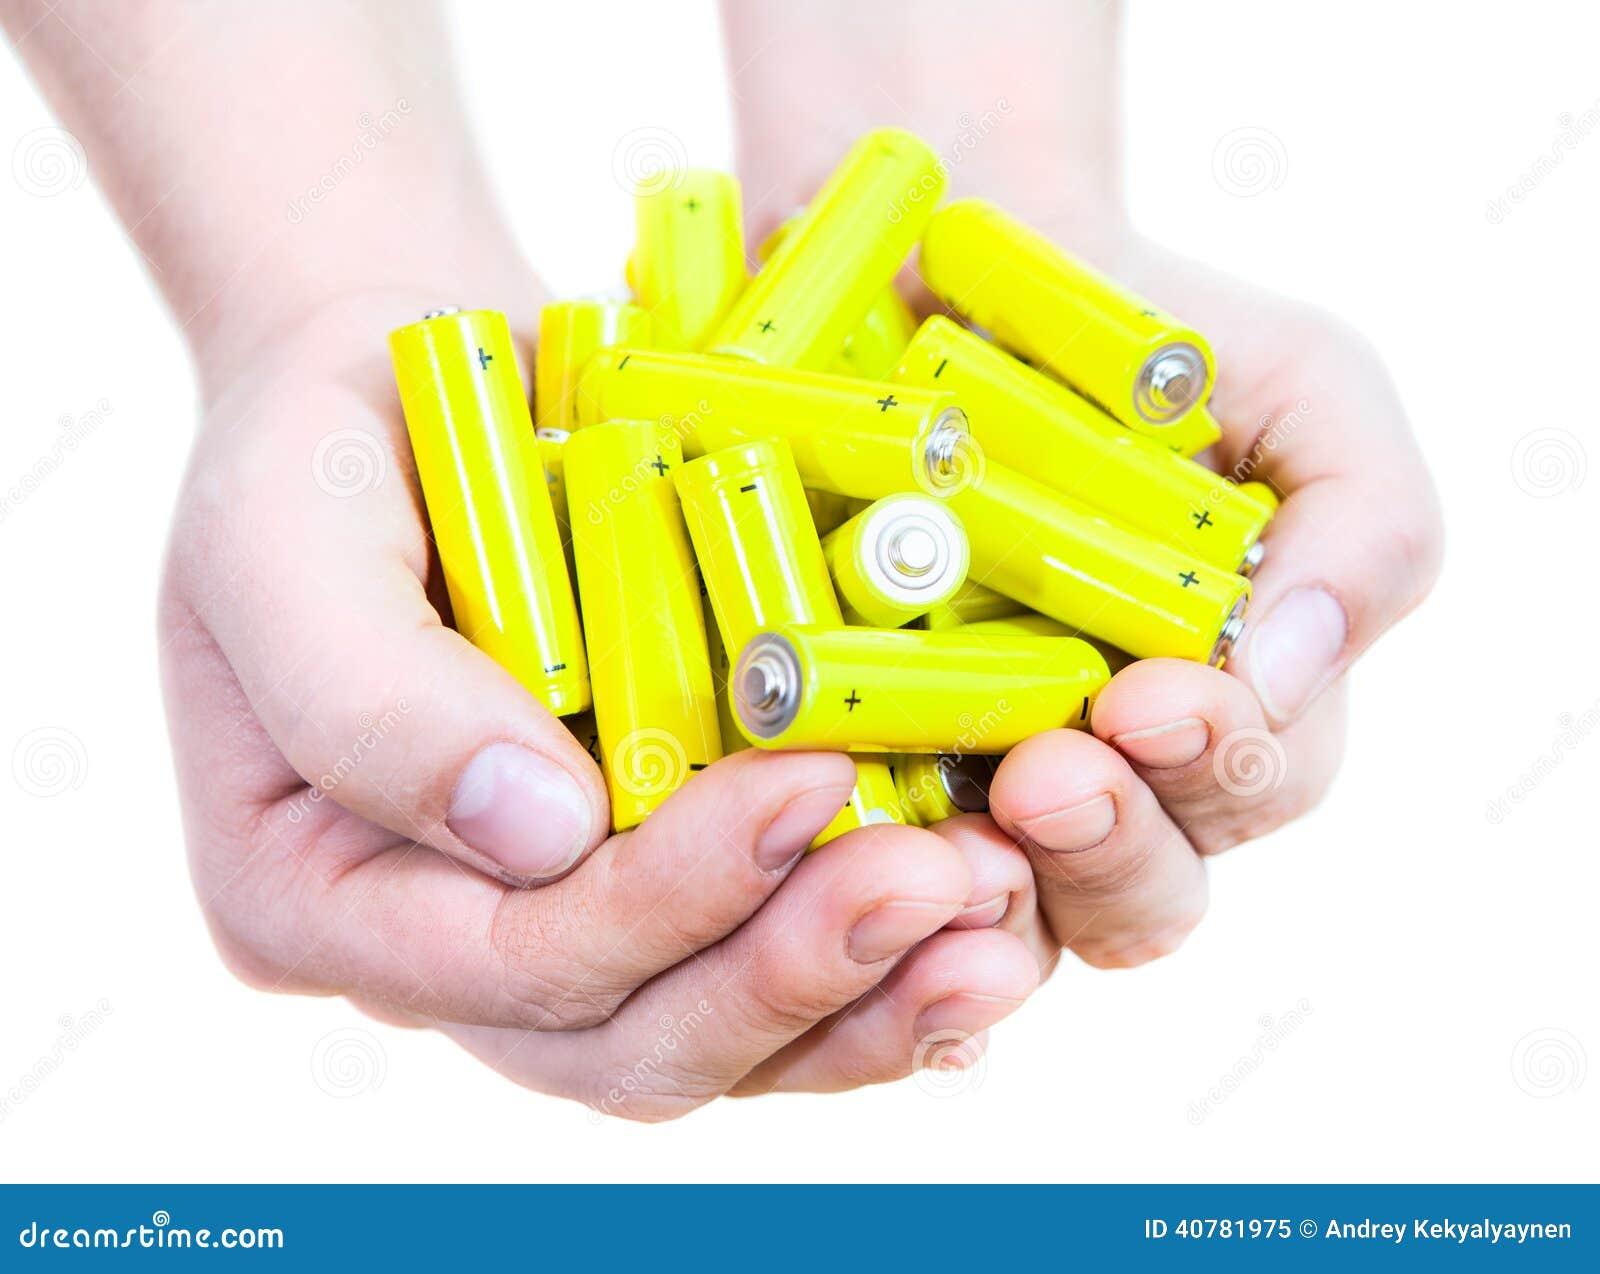 Пригорошня при батареи penlight желтого цвета серии изолированные на белой предпосылке